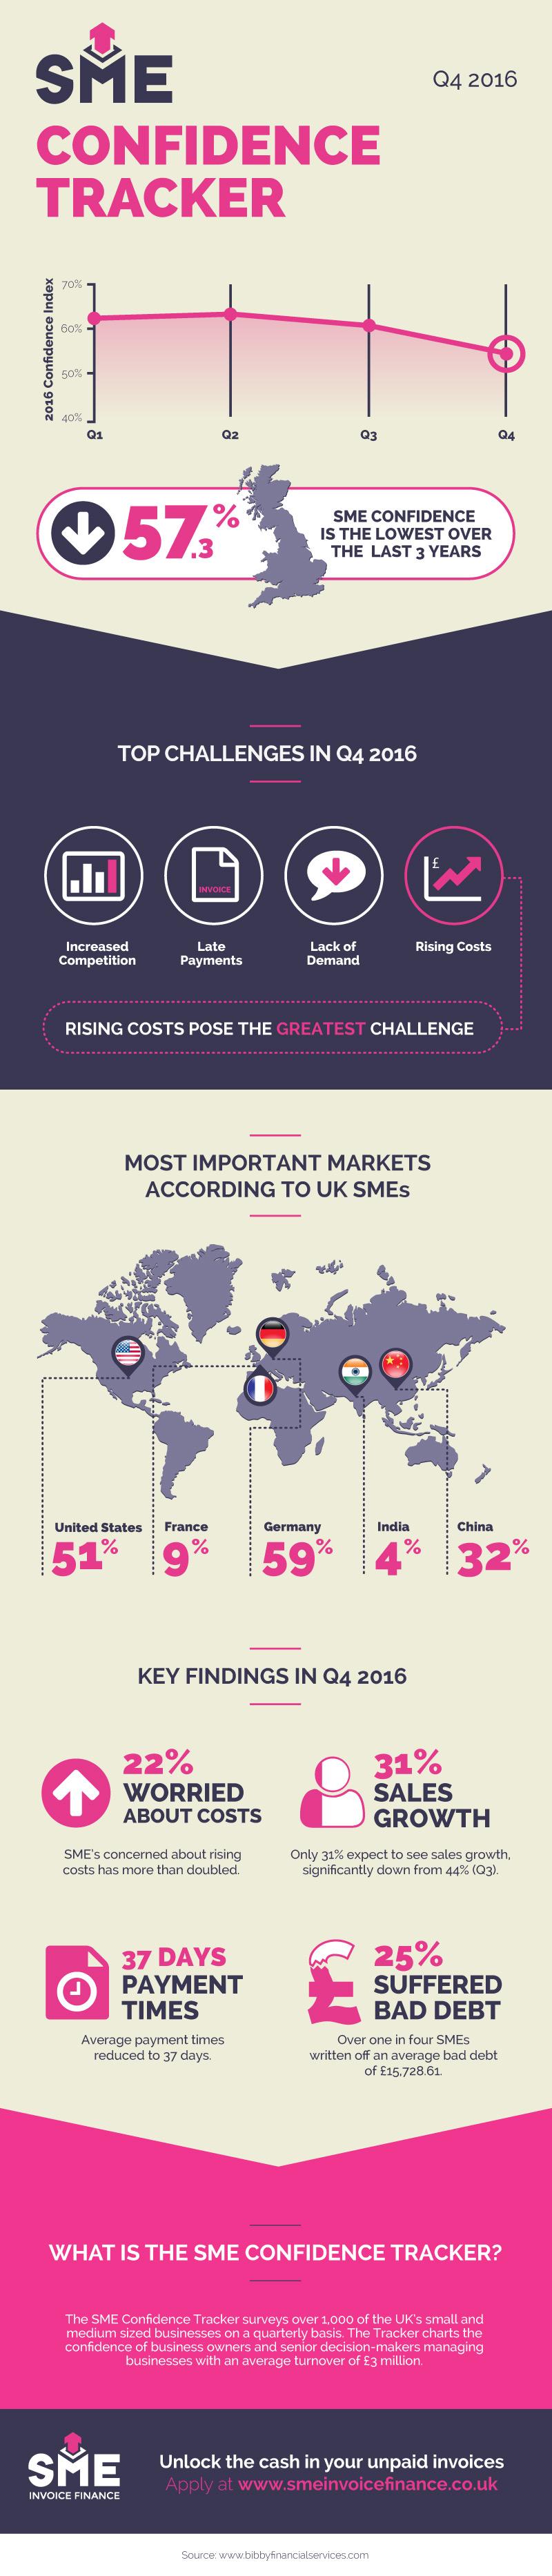 SME Confidence Tracker Q4 2016